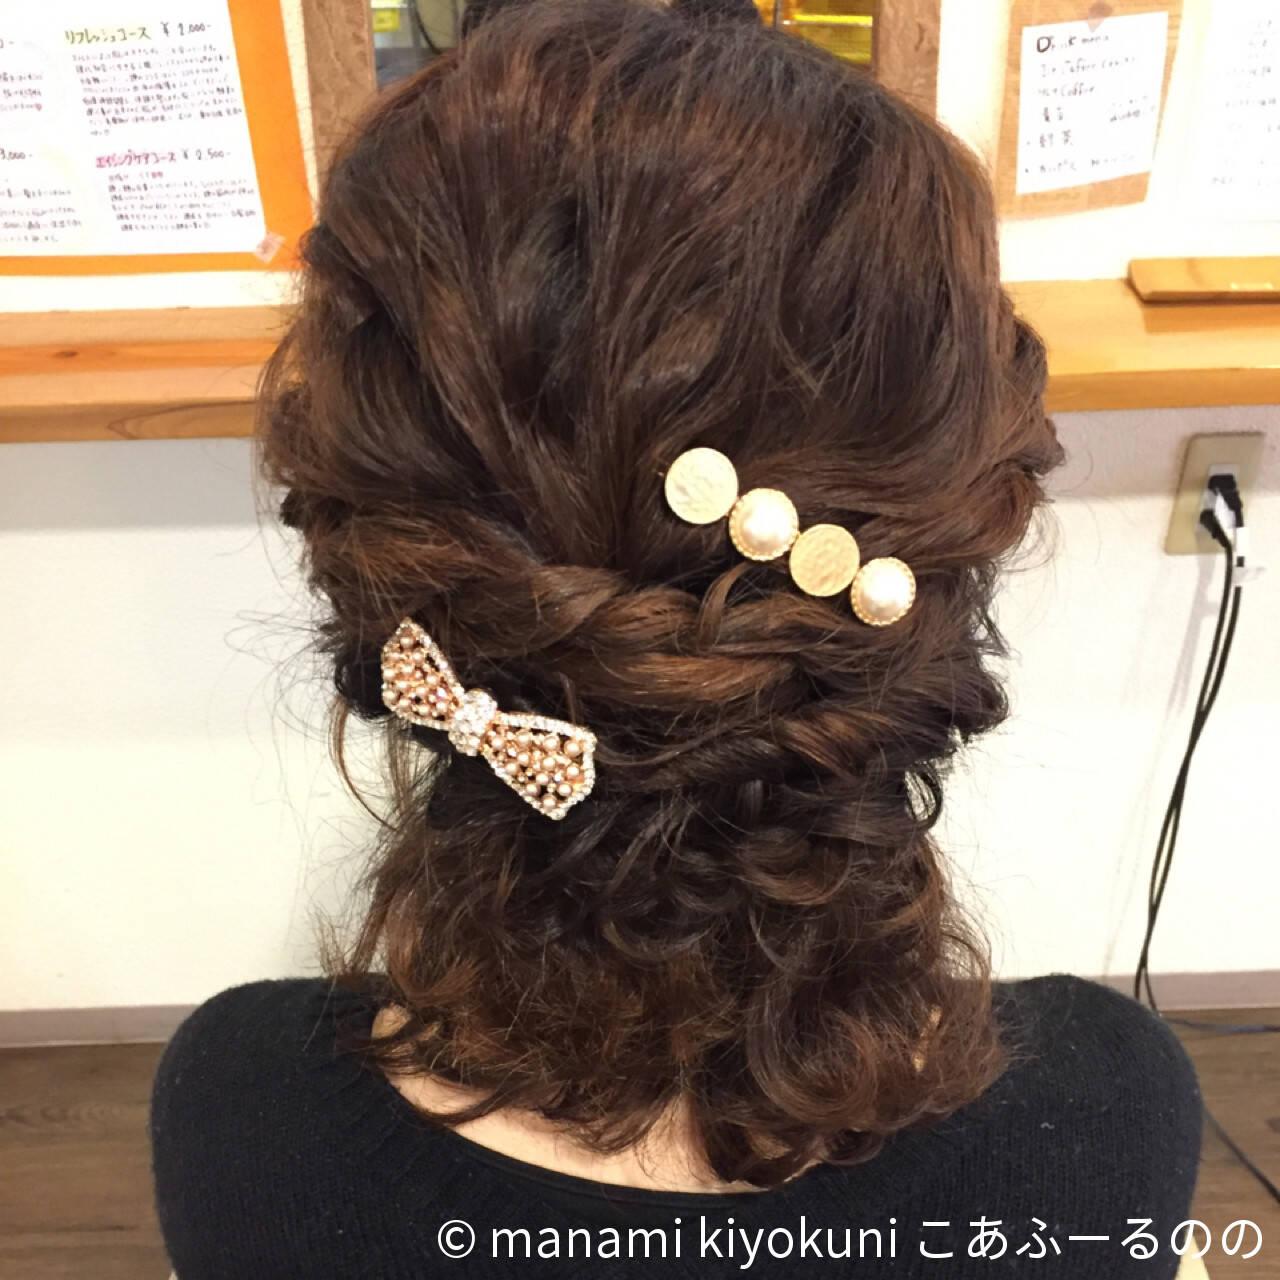 結婚式 ヘアアレンジ フェミニン ハーフアップヘアスタイルや髪型の写真・画像